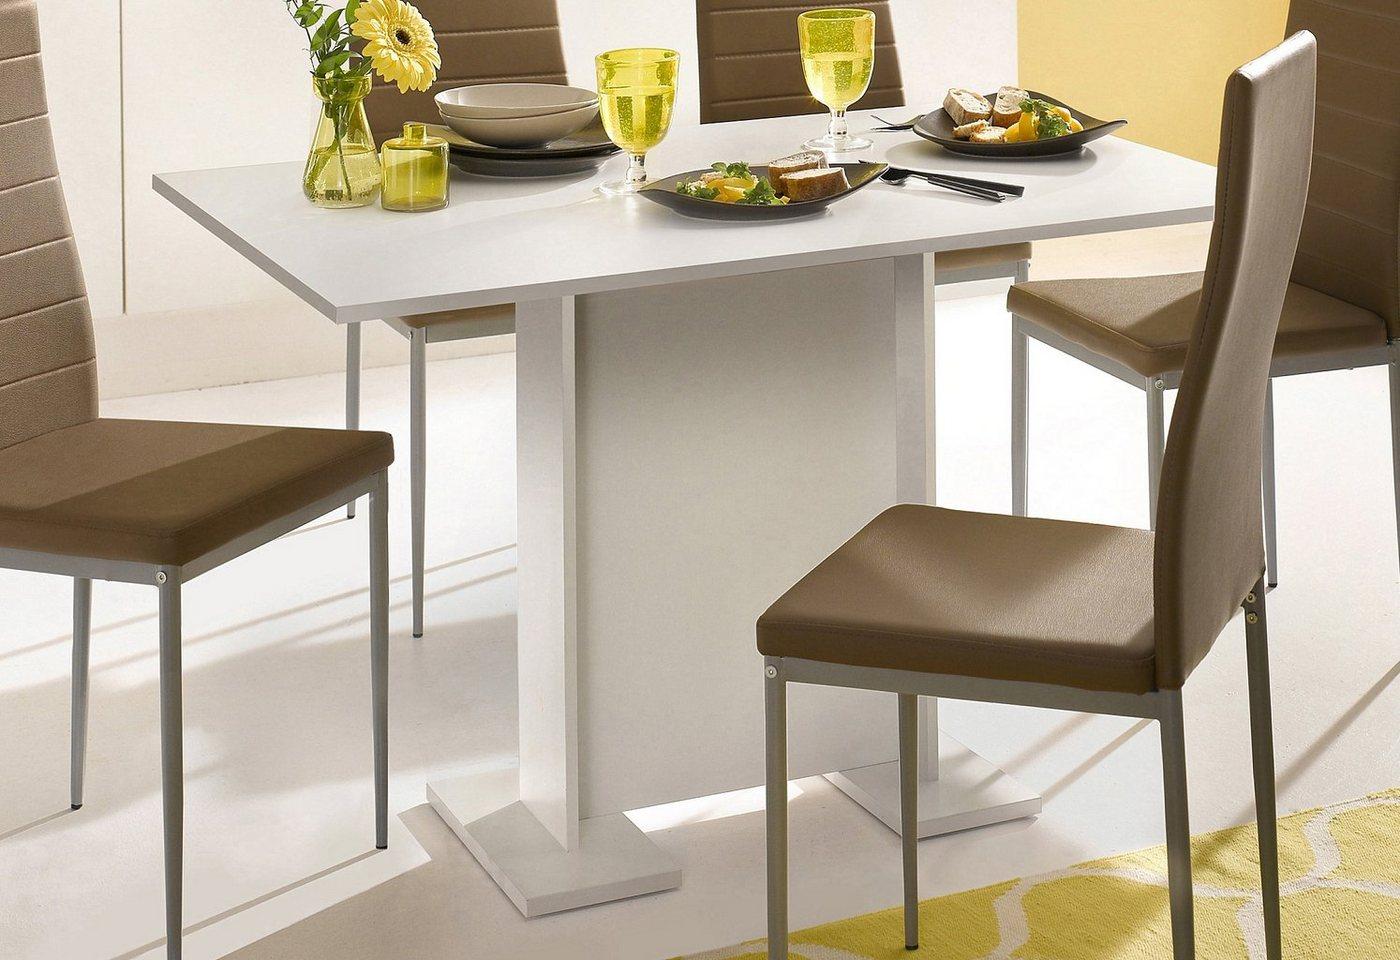 Eettafel op zuil, breedte 108 cm